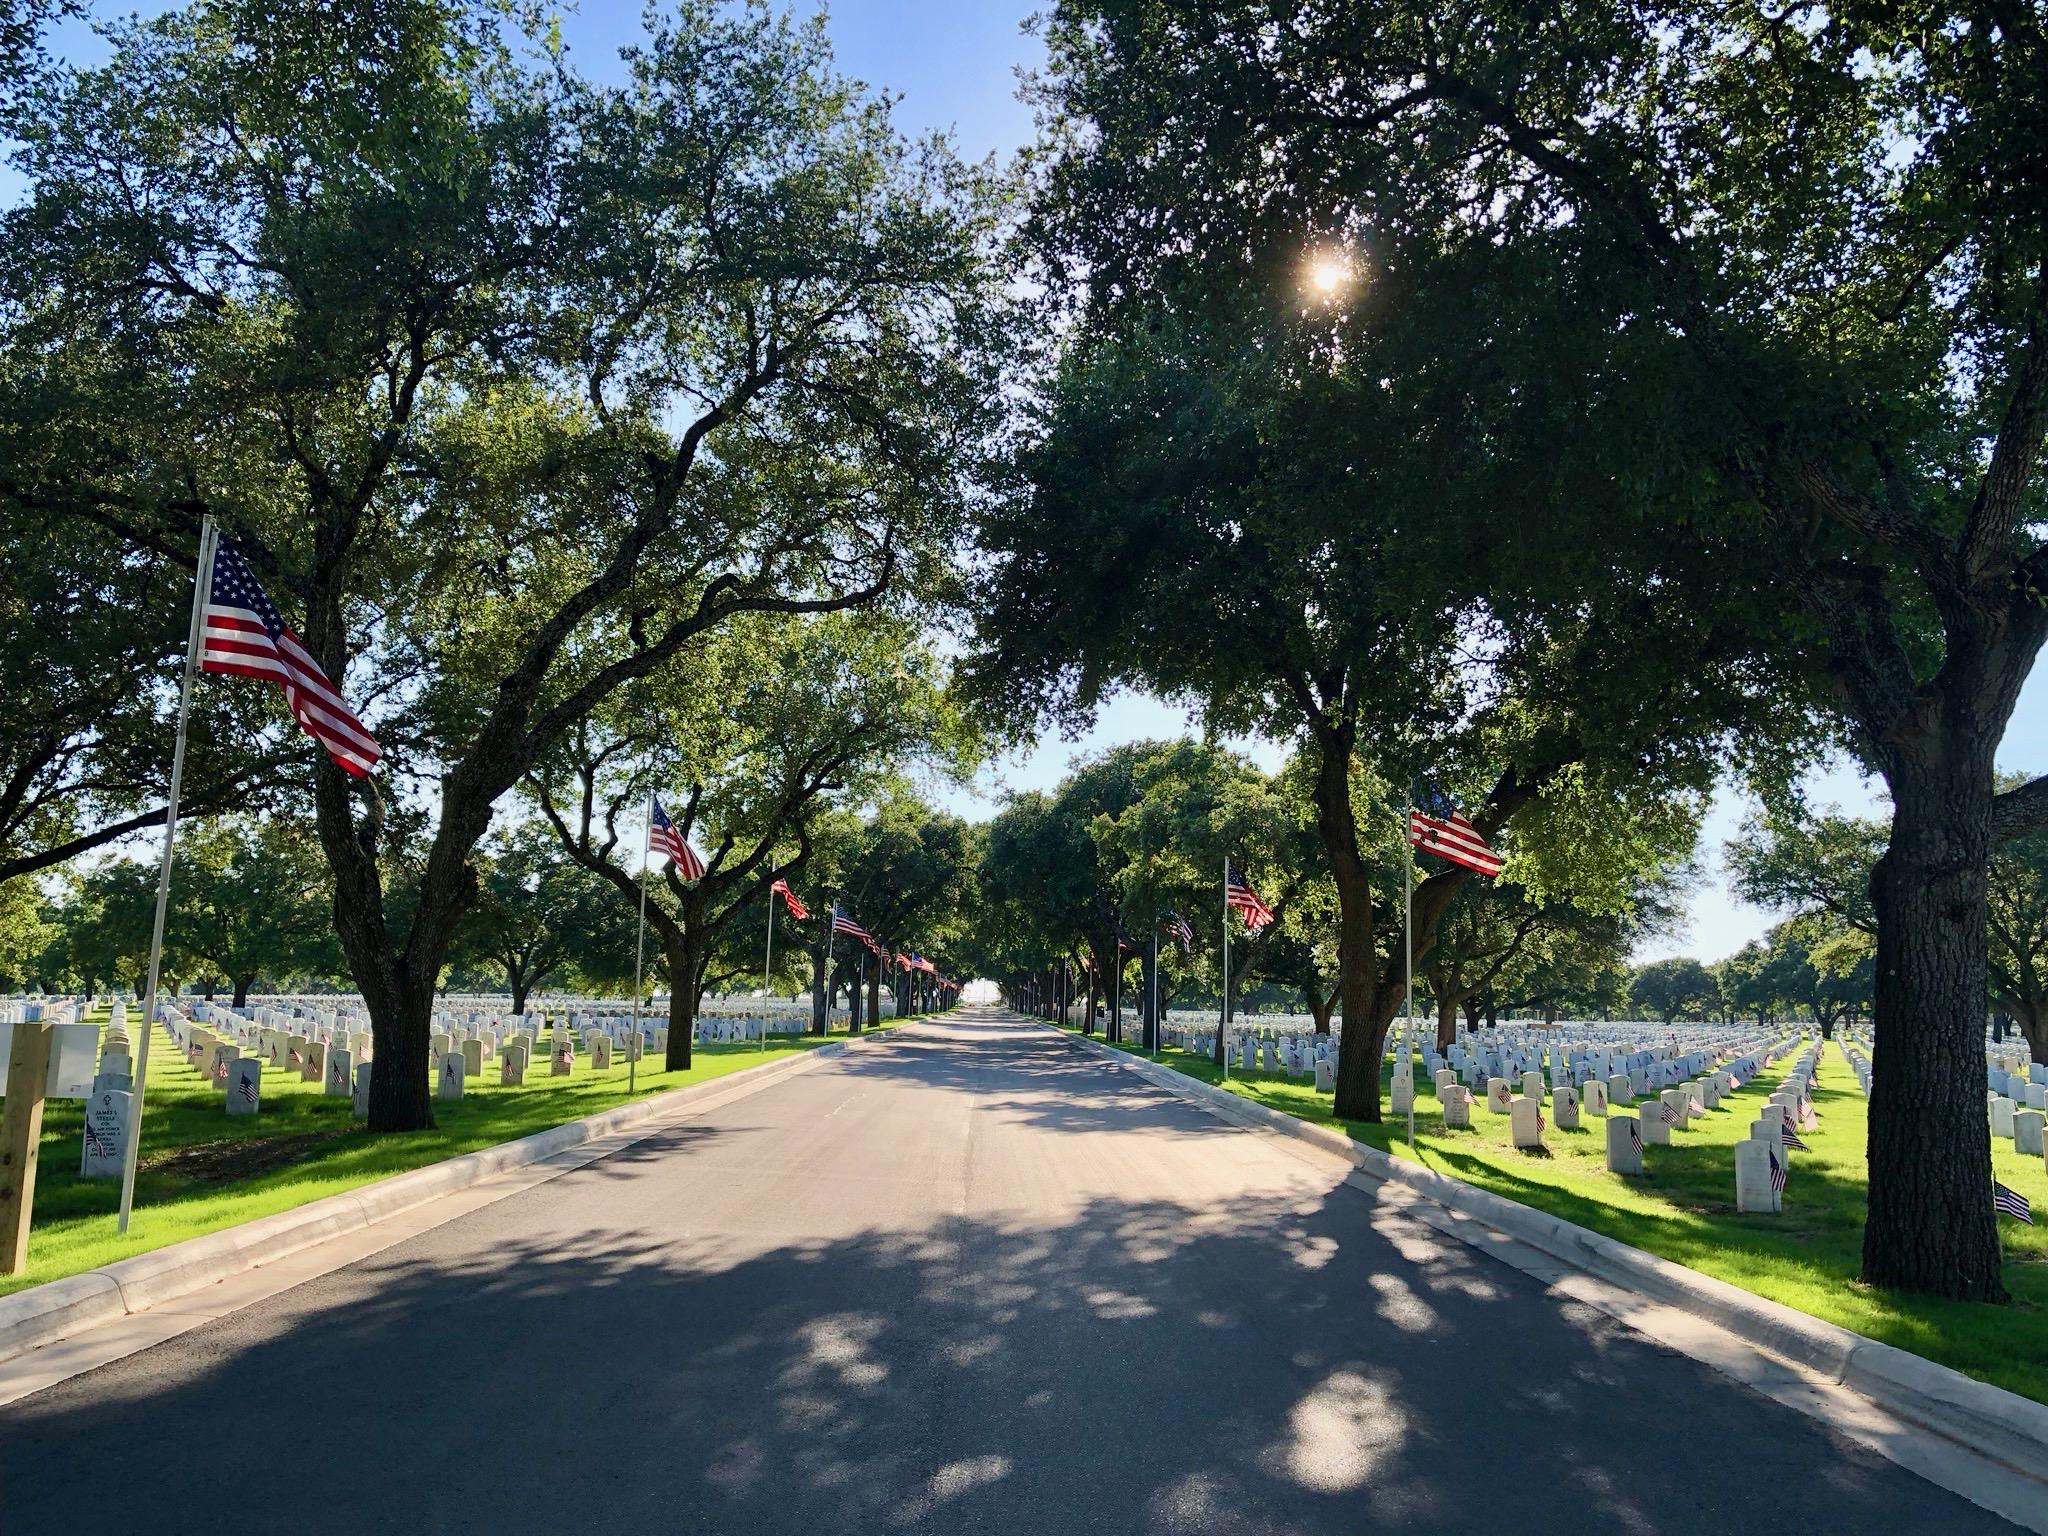 San Antonio Memorial Day 2018